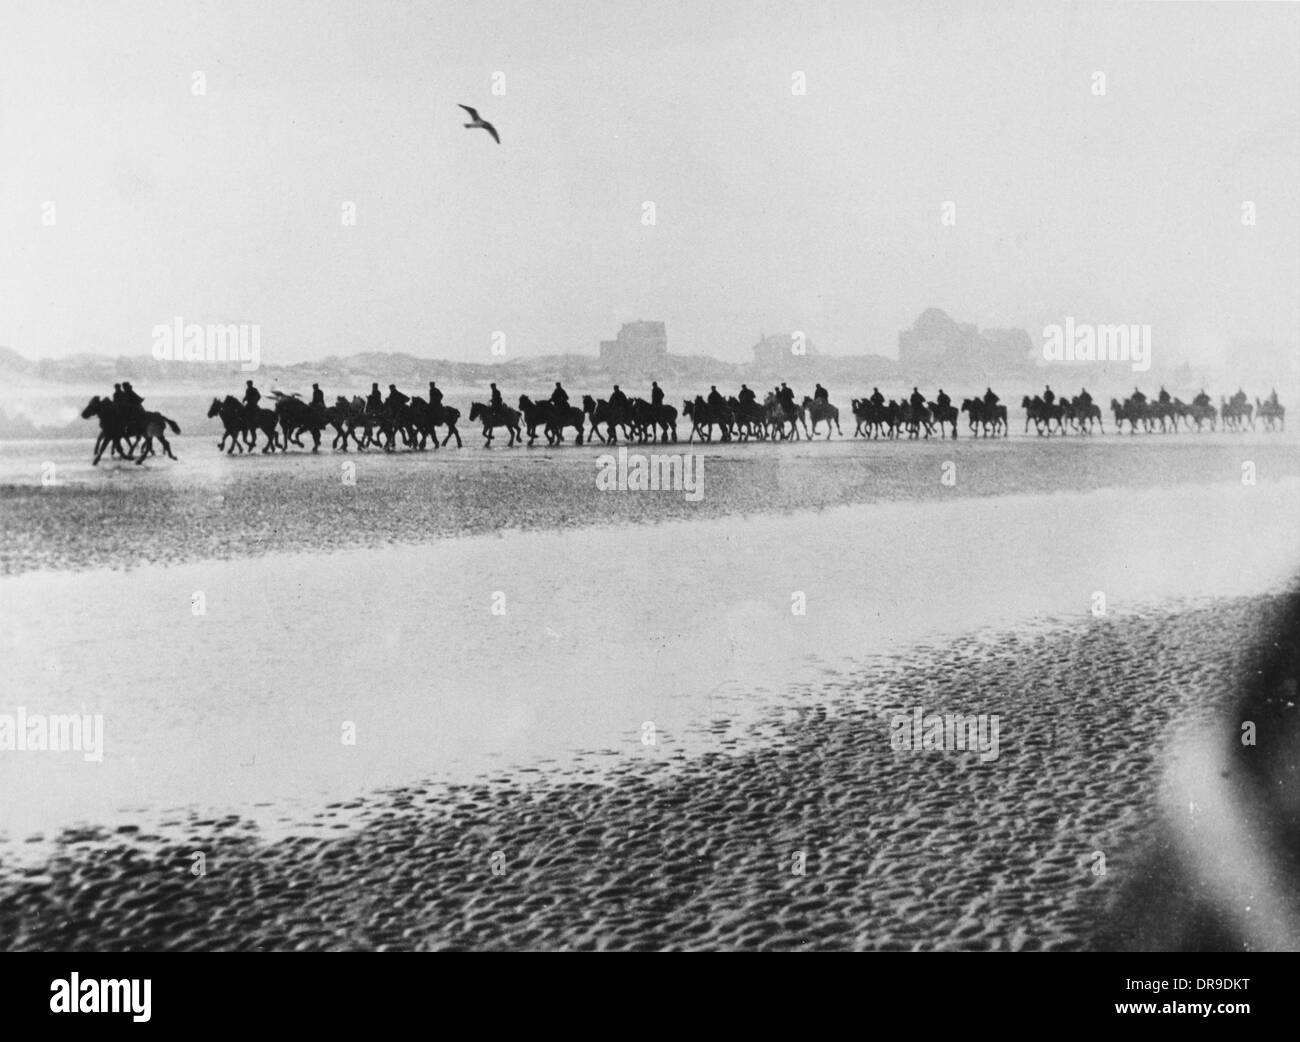 Exercising horses 1916 - Stock Image